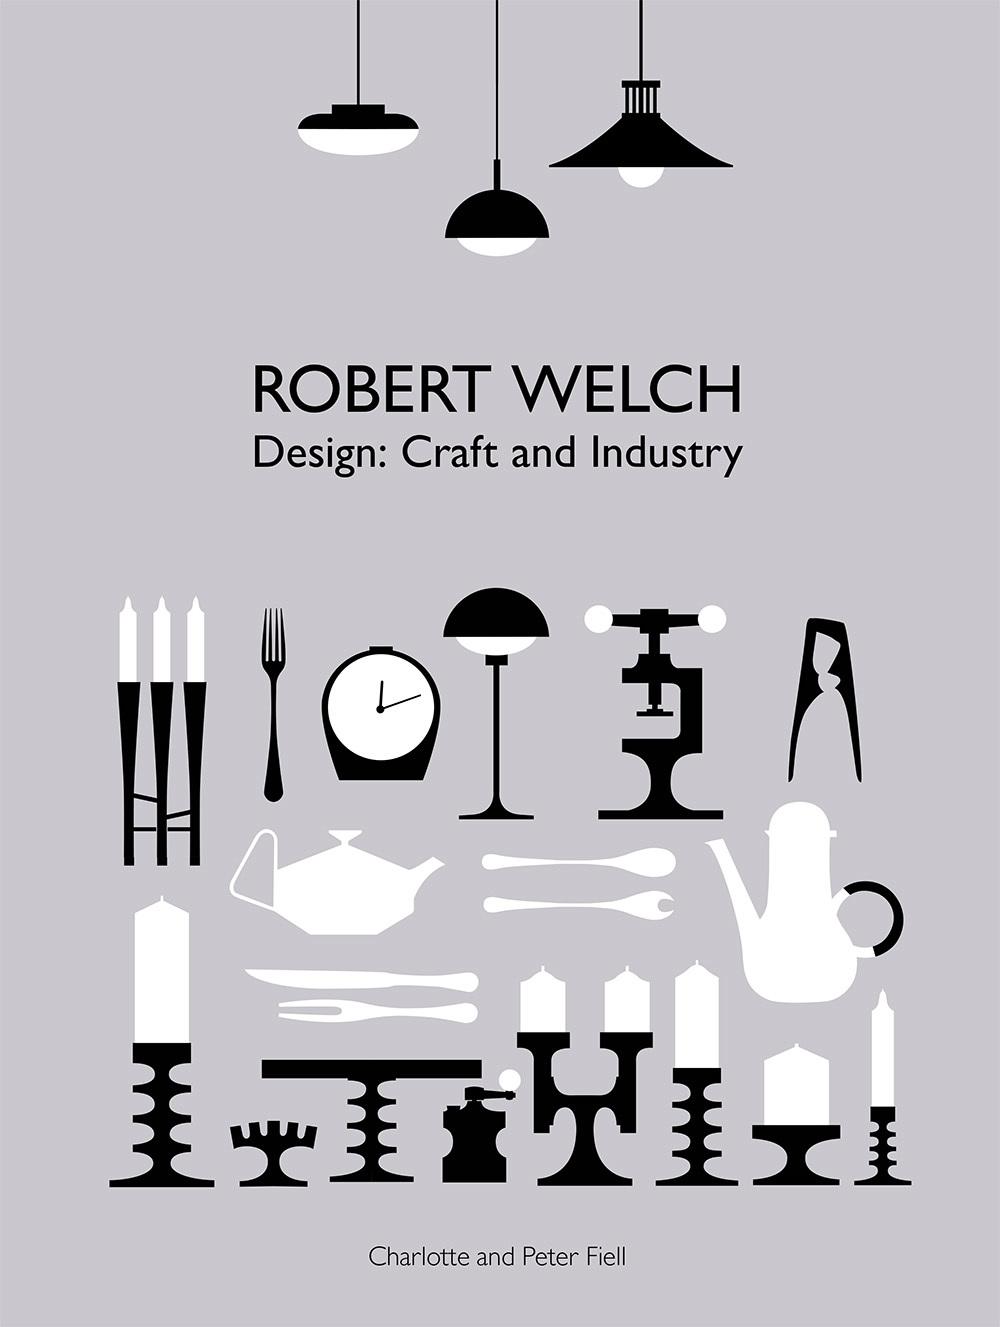 Robert Welch Design Craft Industry Charlotte Peter Fiell